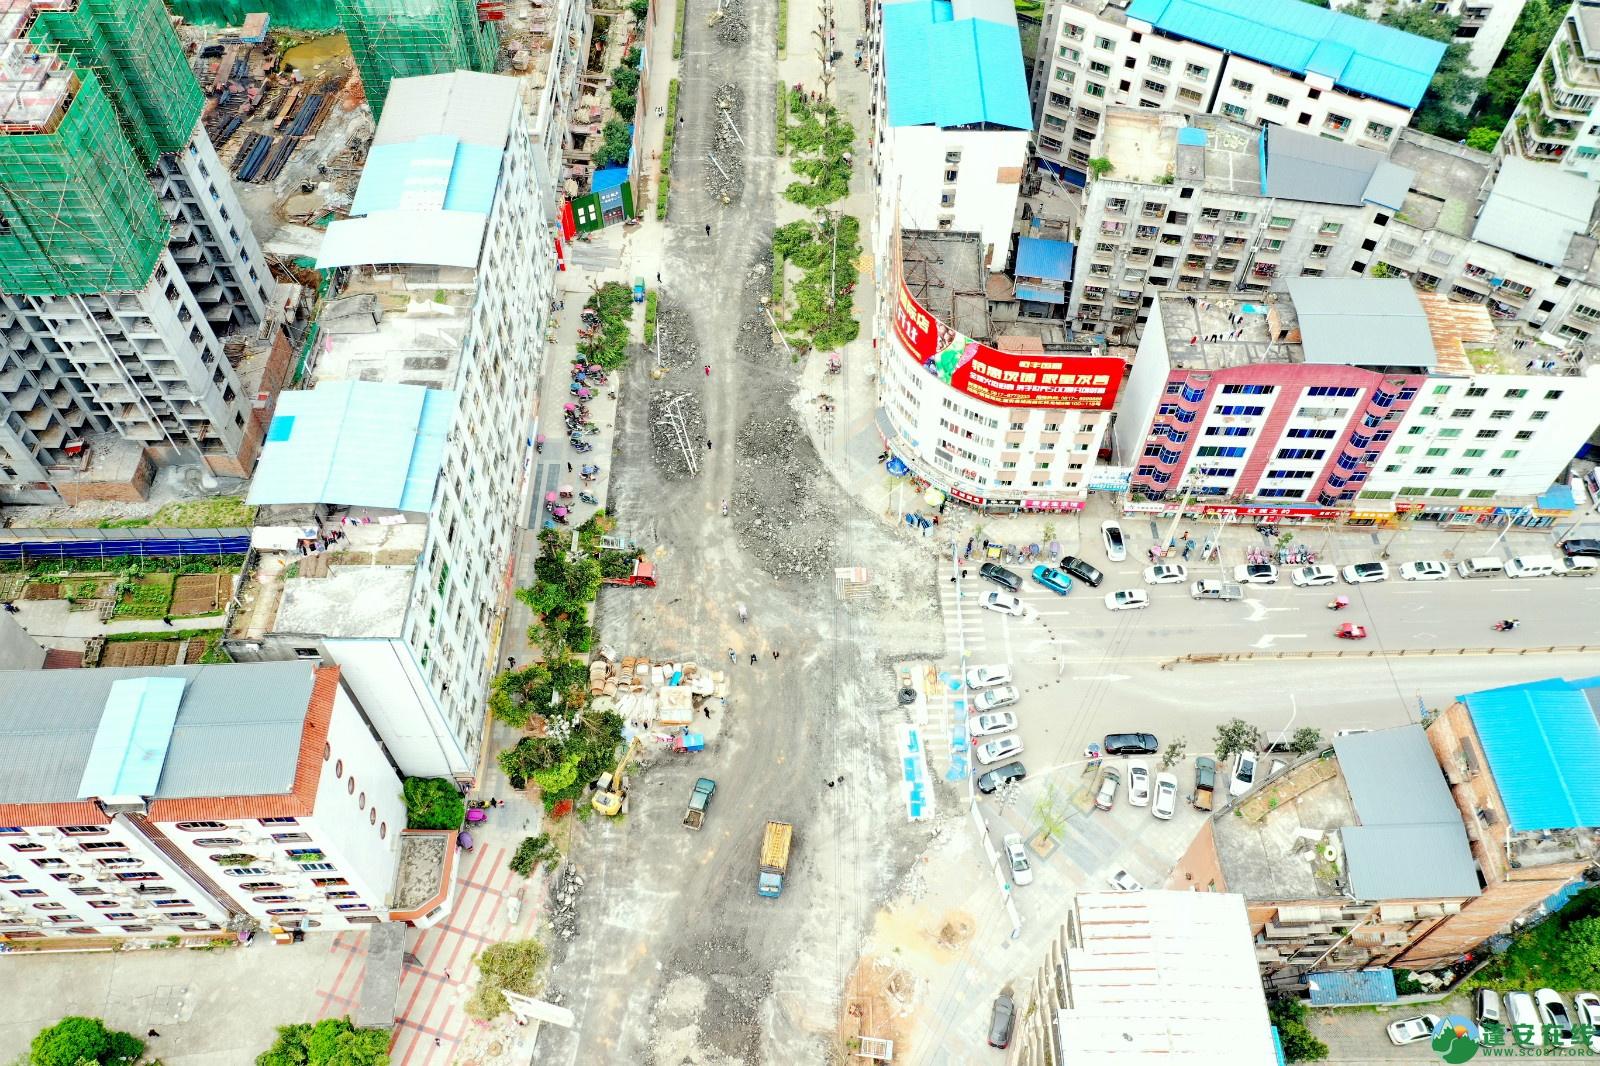 蓬安建设南路老旧街道小区美化改造(2020.3.22) - 第9张  | 蓬安在线